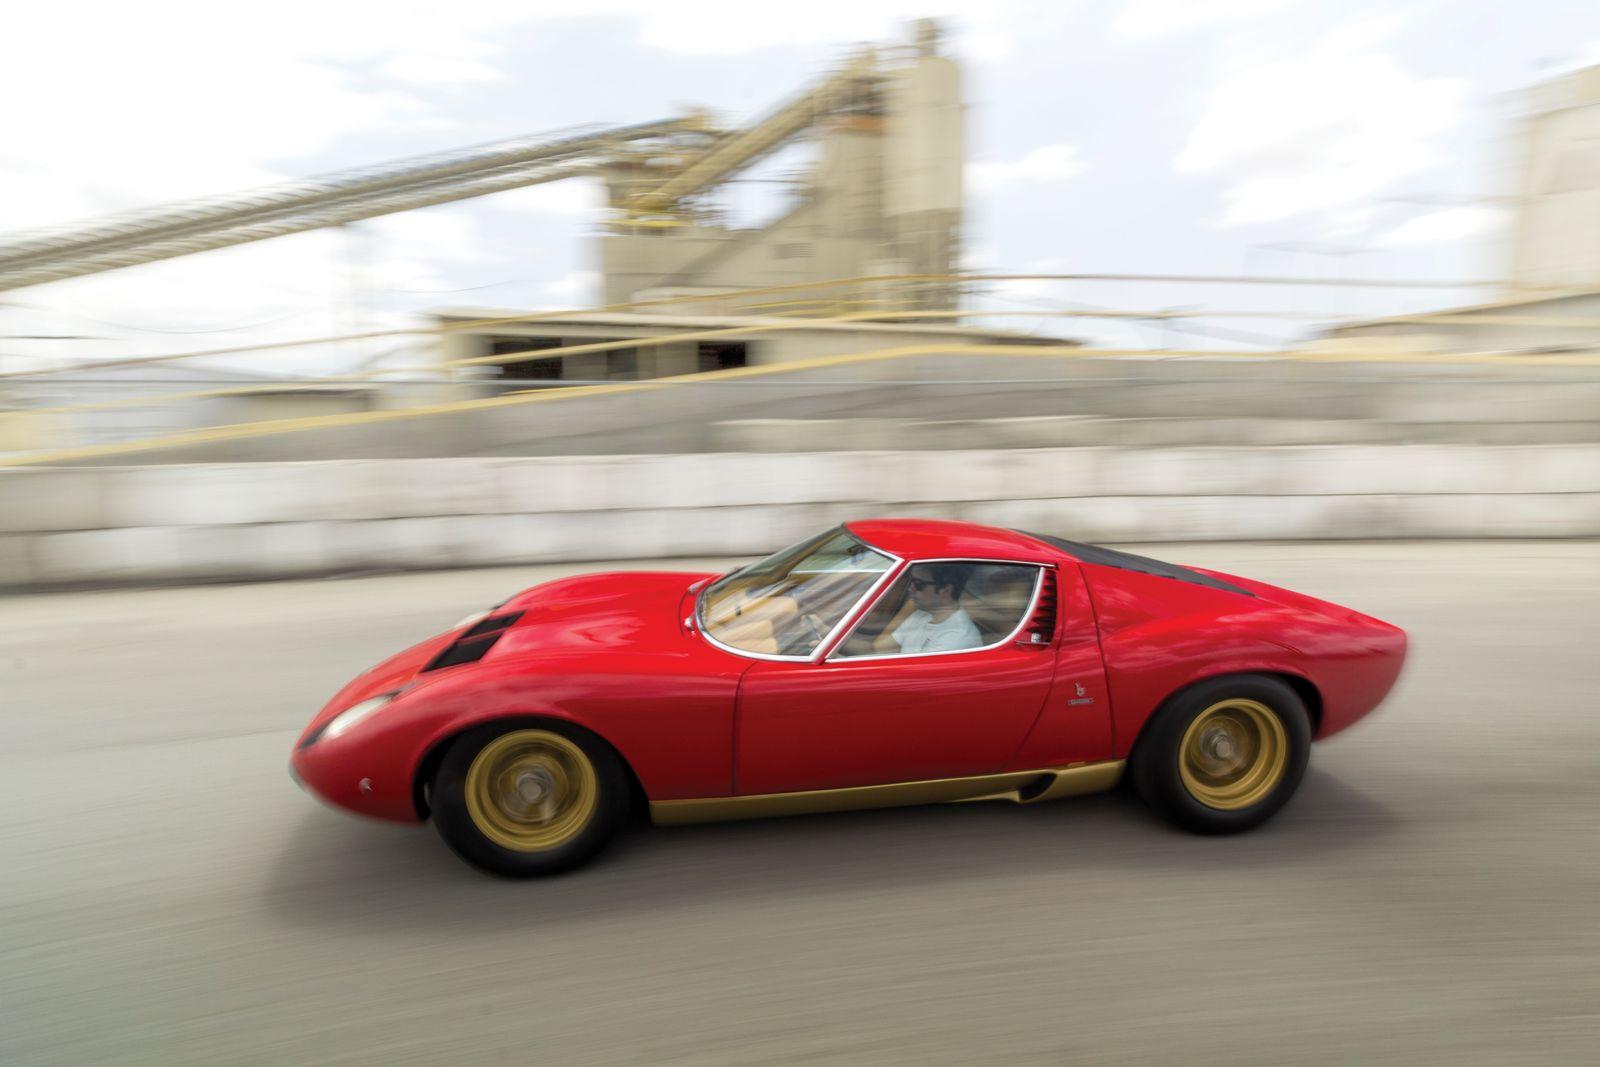 Eye Catching Red Lamborghini Miura Sv Heading To Auction Gtspirit